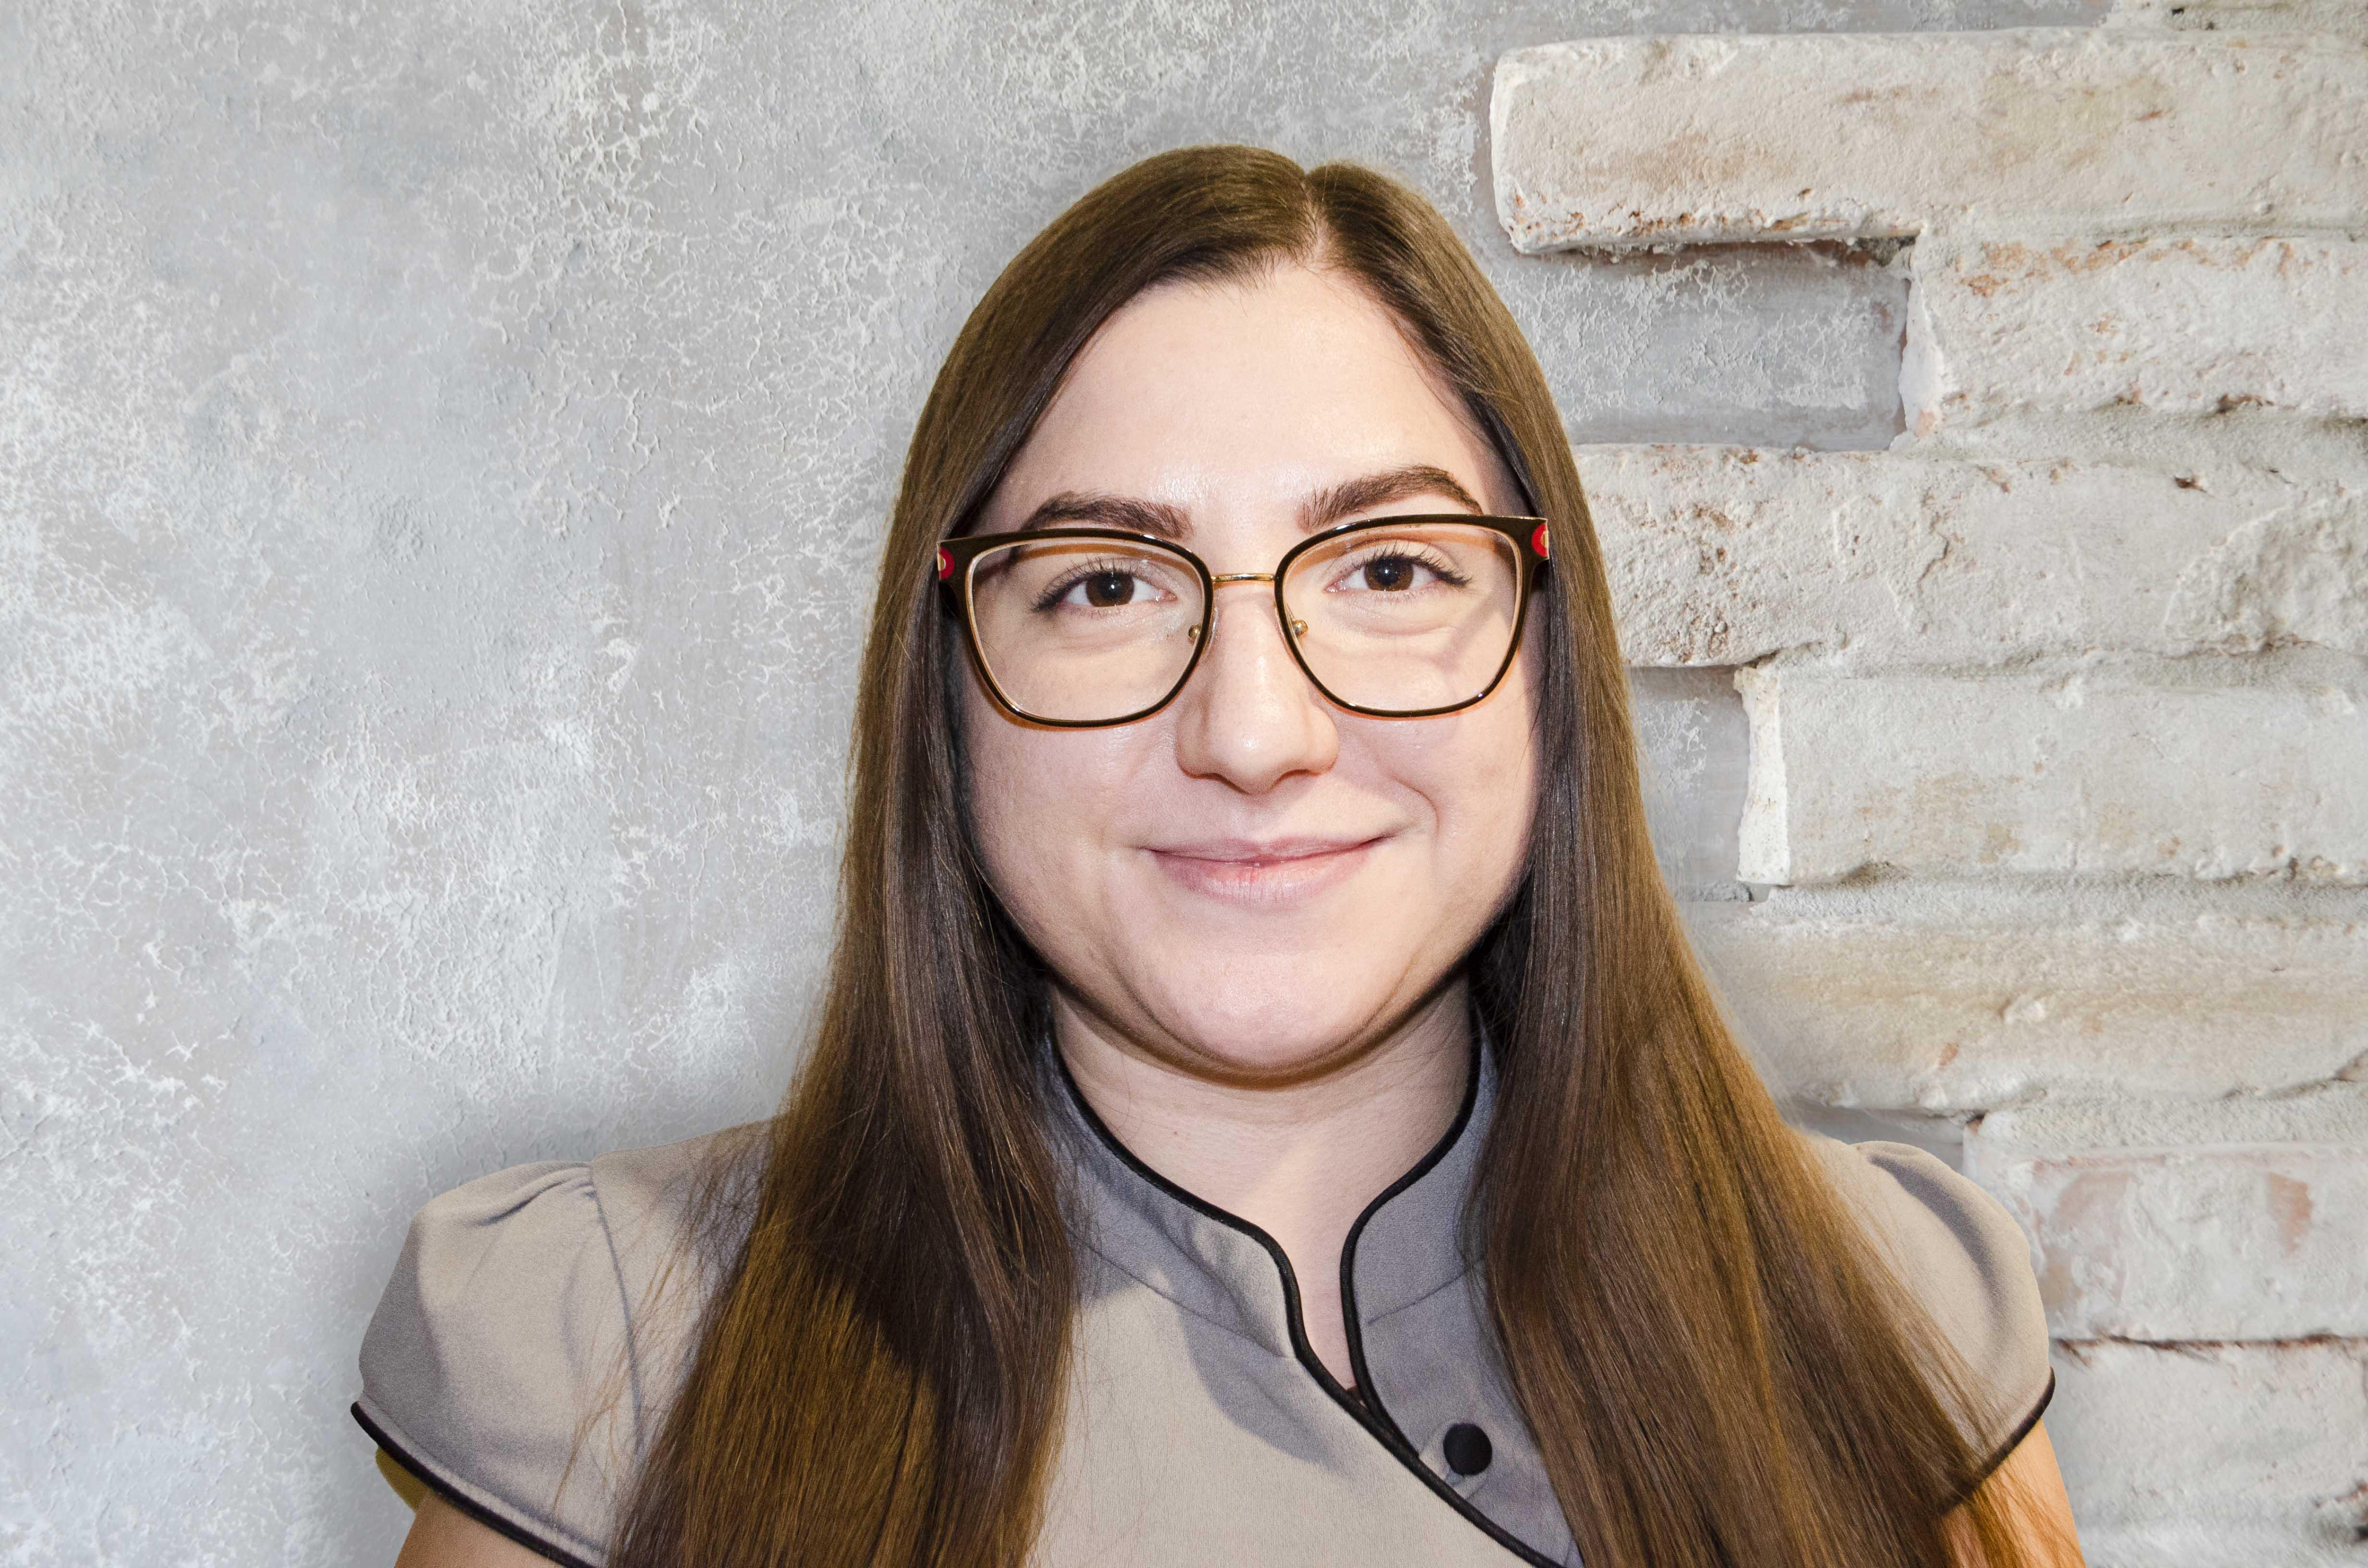 Berta Leila